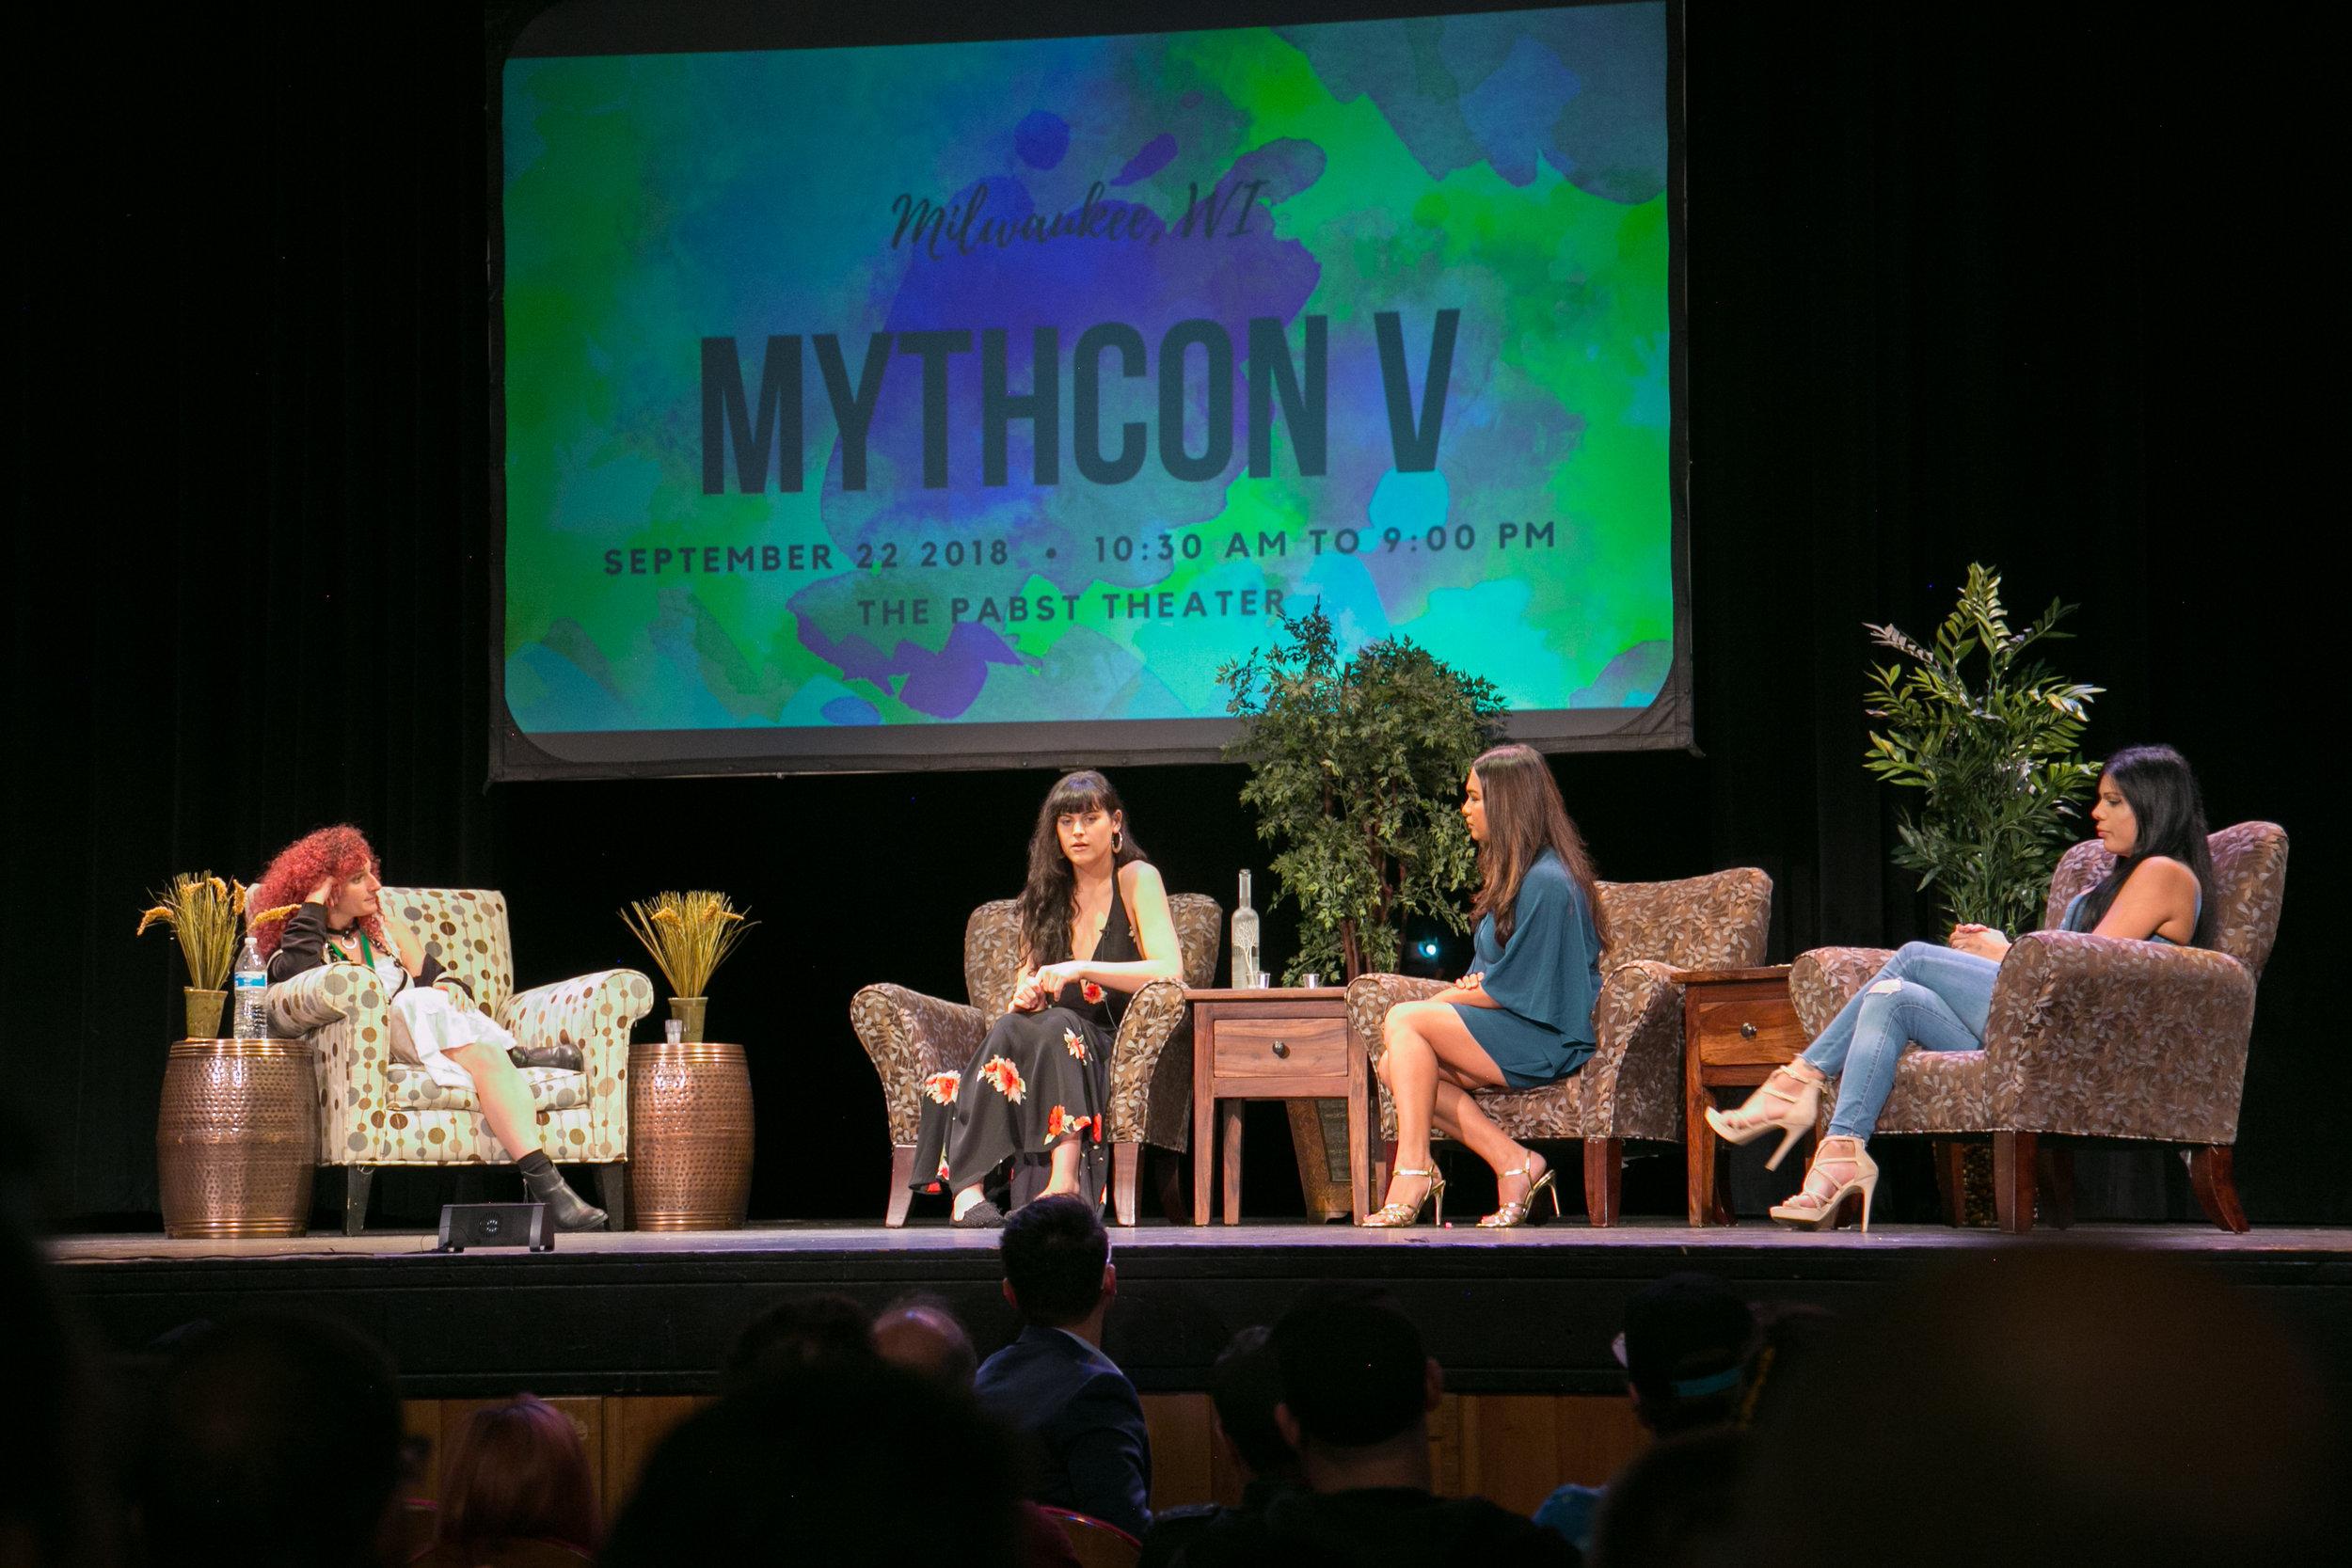 mythconv-21.jpg